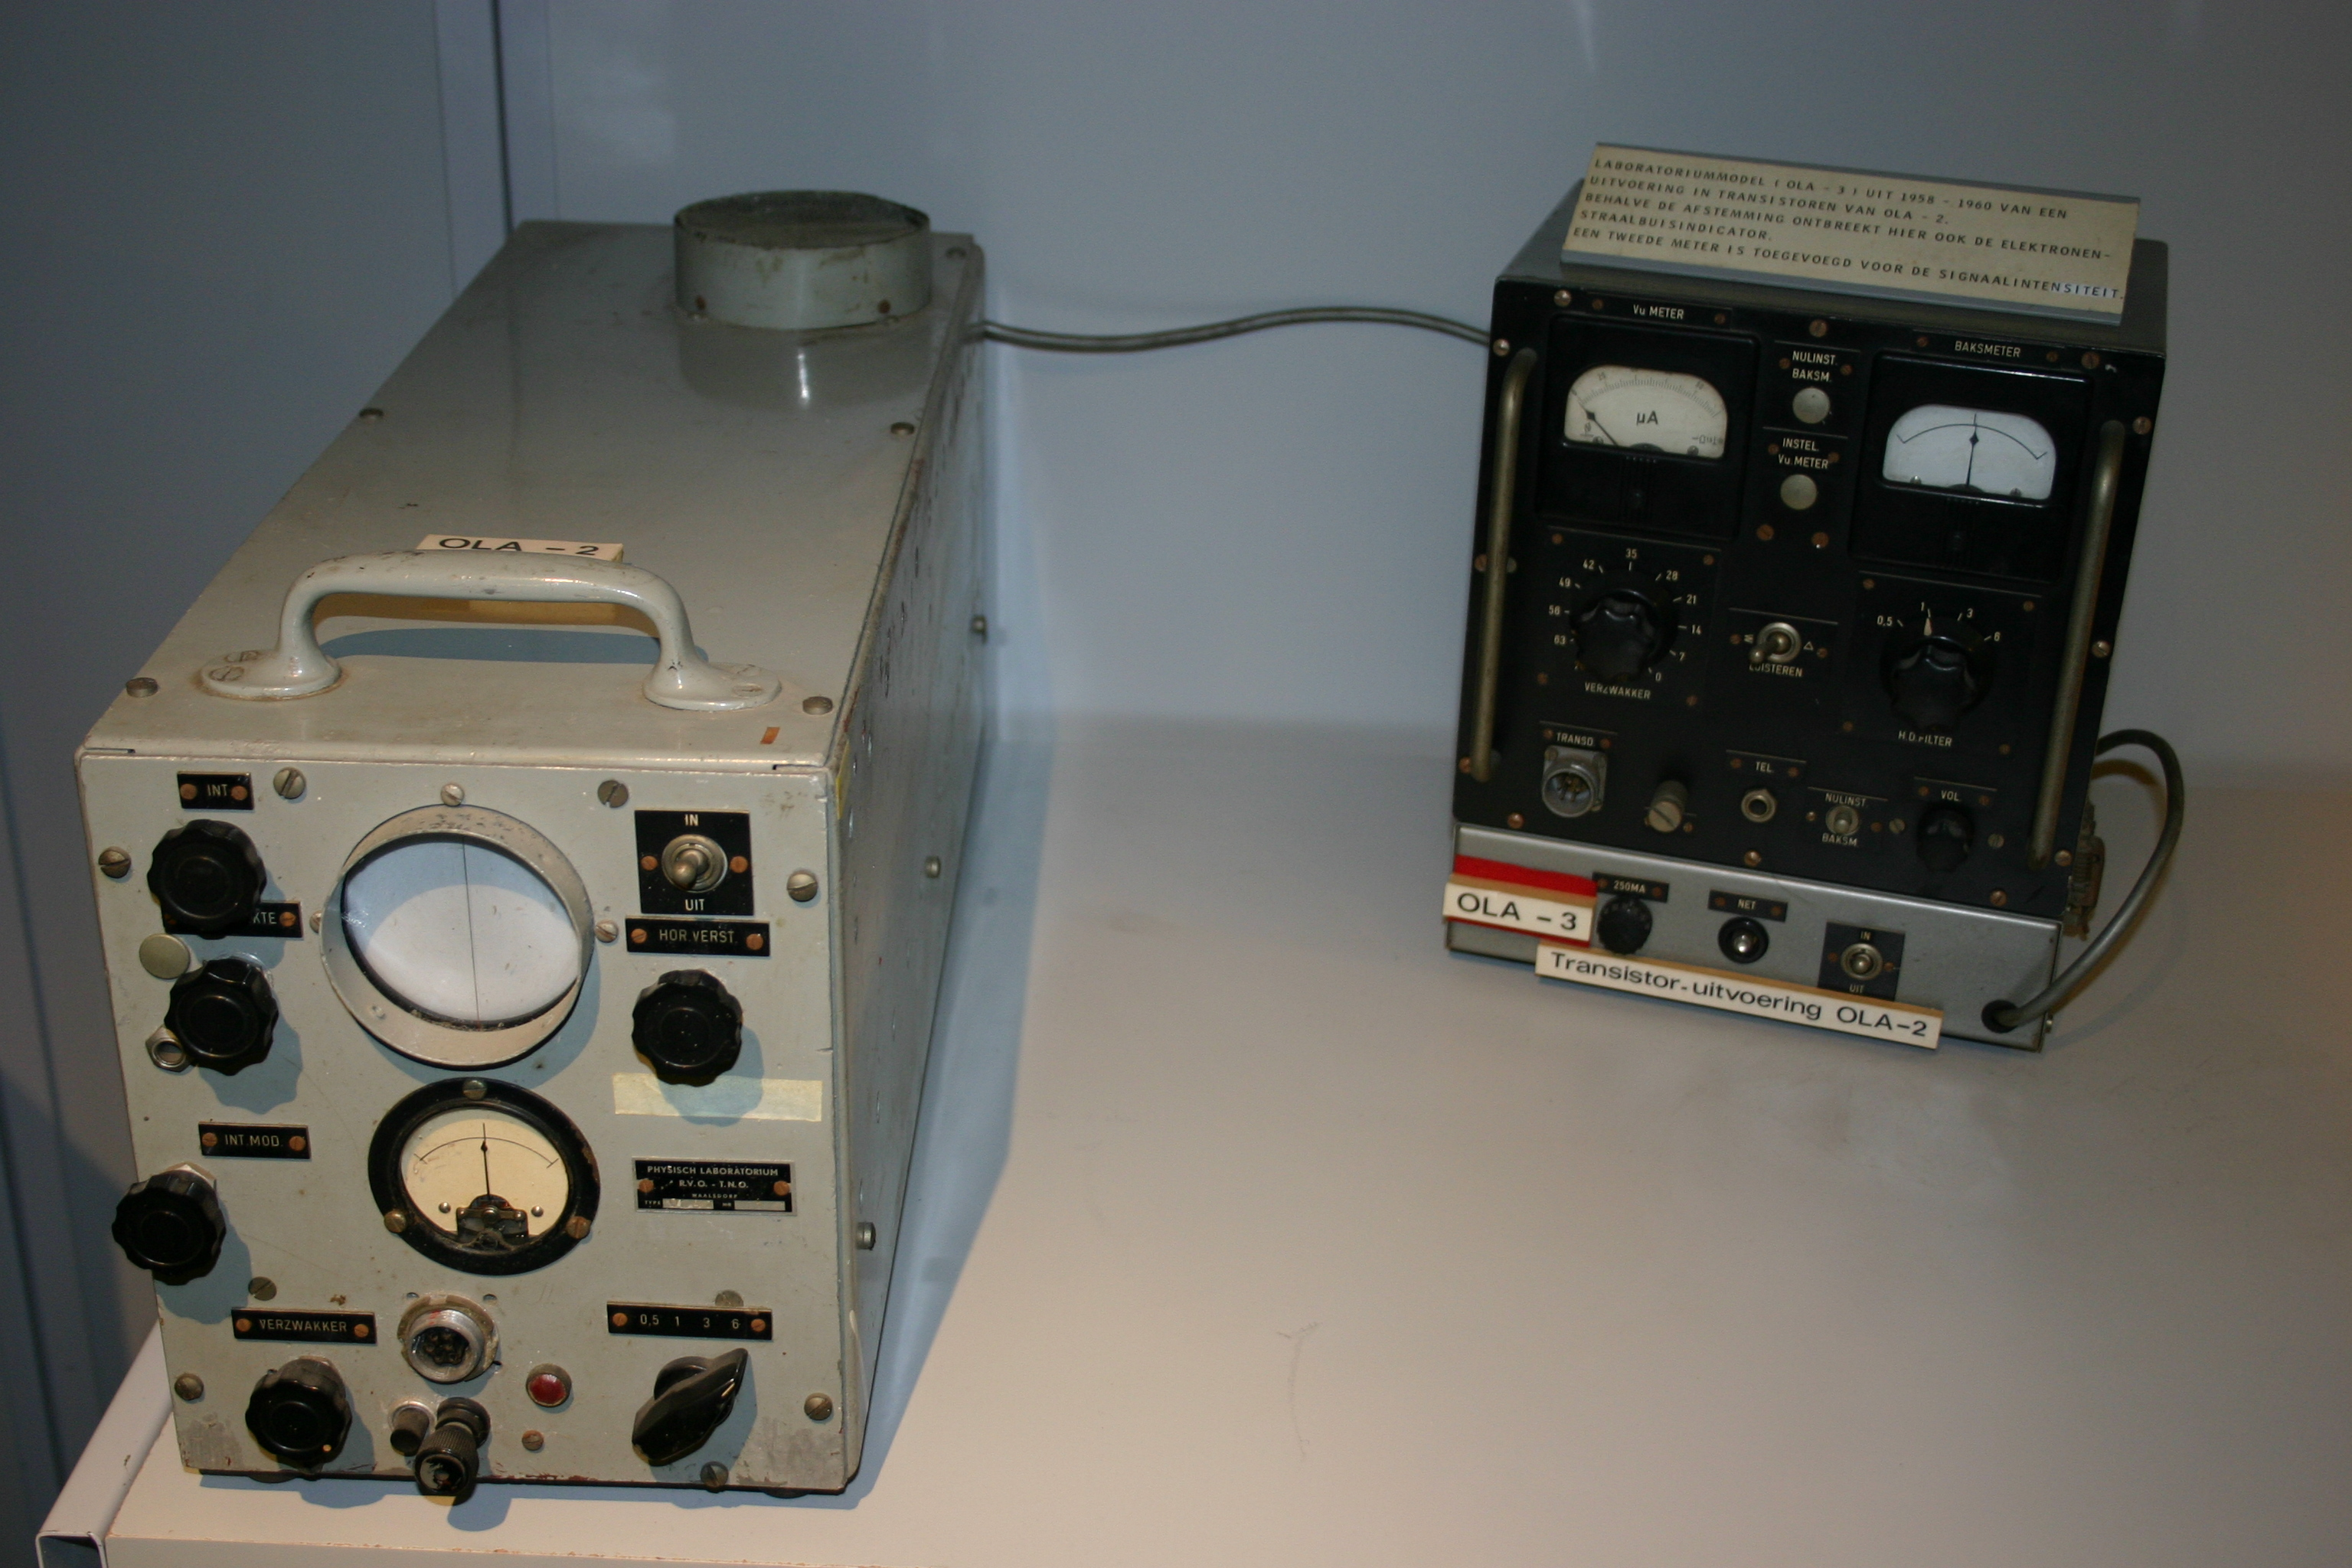 Laboratorium test version of the OLA-3 (transistorised version of the OLA-2) period 1958-196